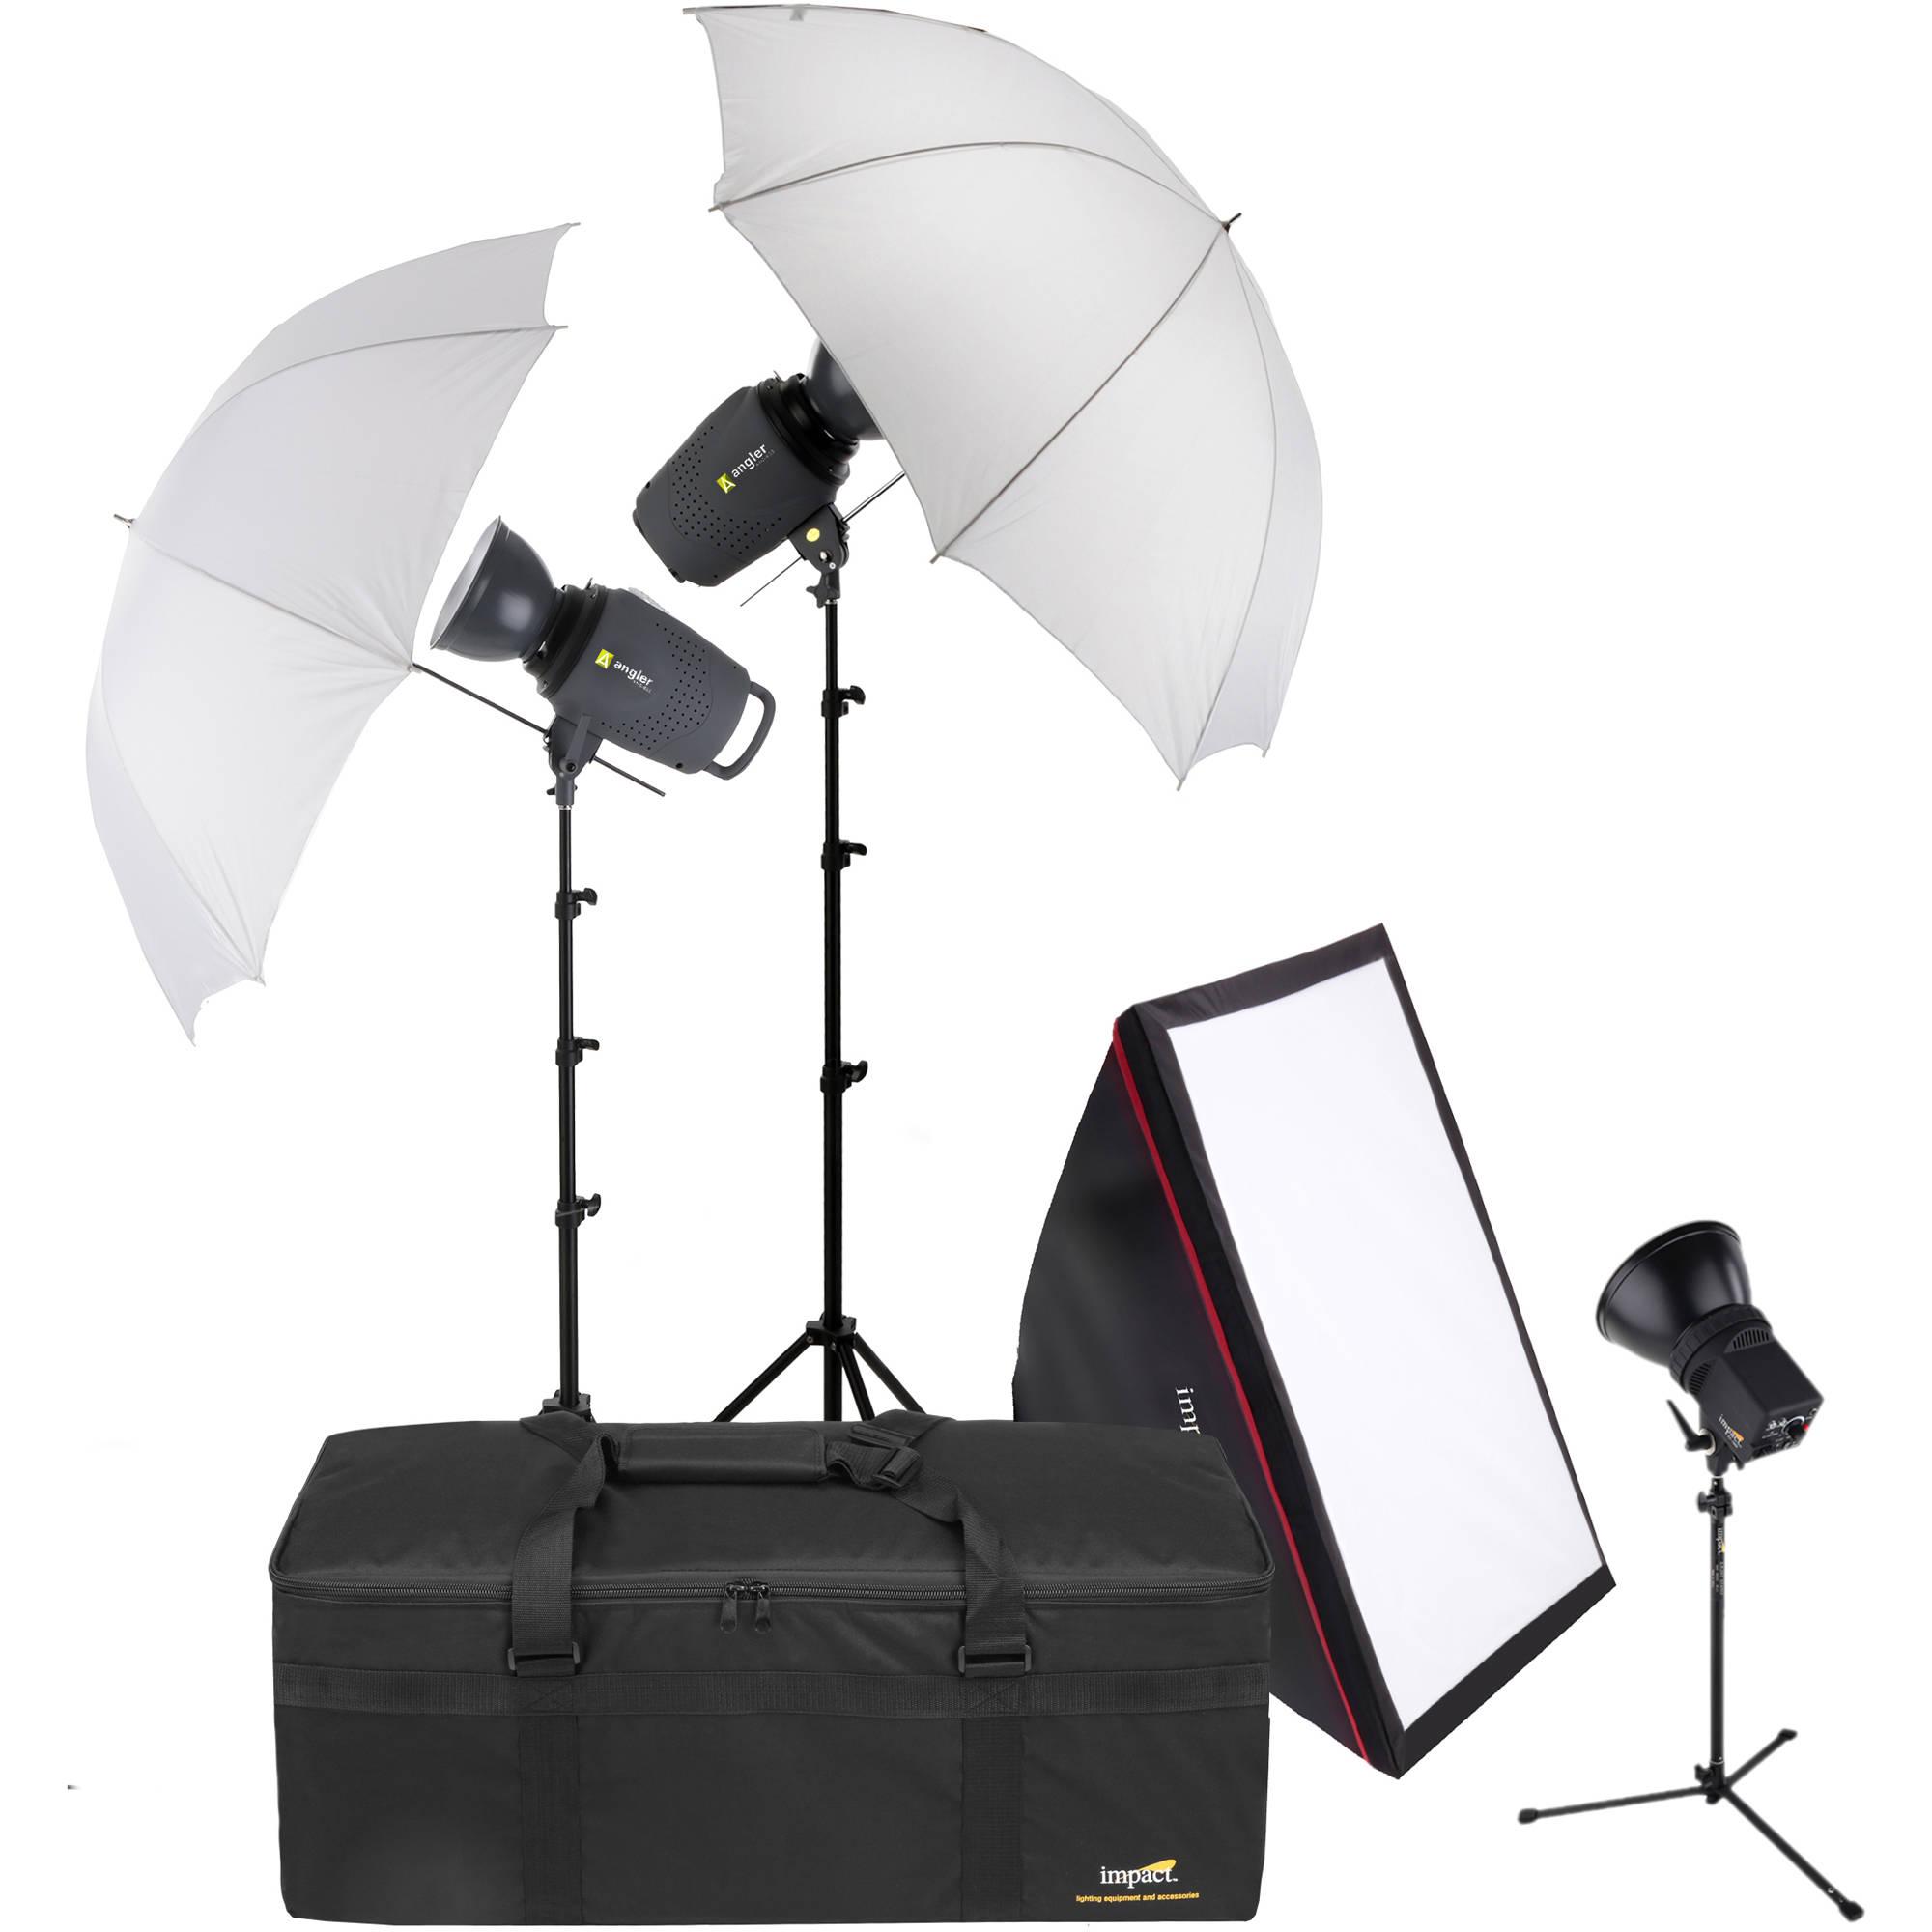 angler 3 monolight portrait back light kit with case